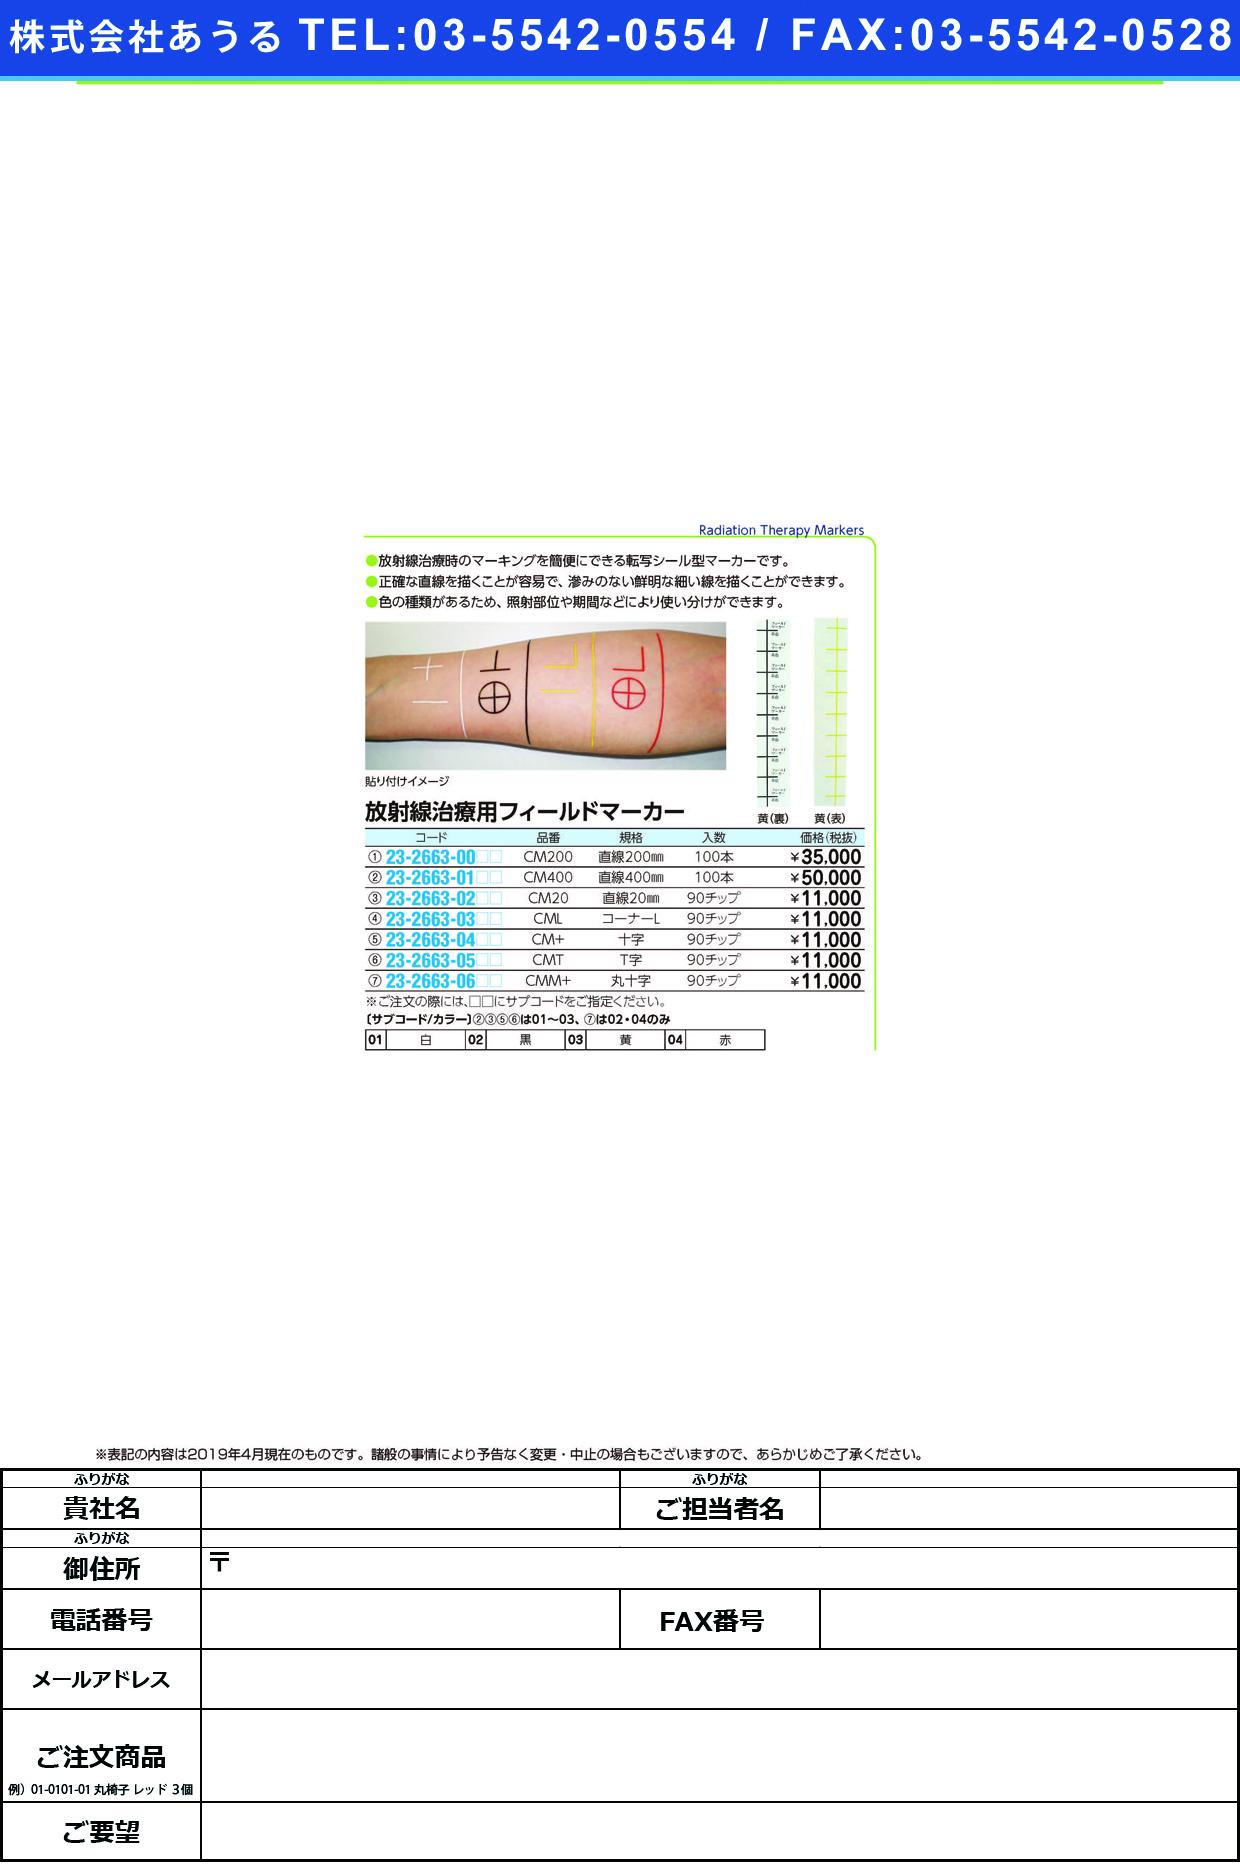 (23-2663-00)放射線治療用フィールドマーカー チョクセン200MM(100ホン) フィールドマーカー 赤【1箱単位】【2019年カタログ商品】